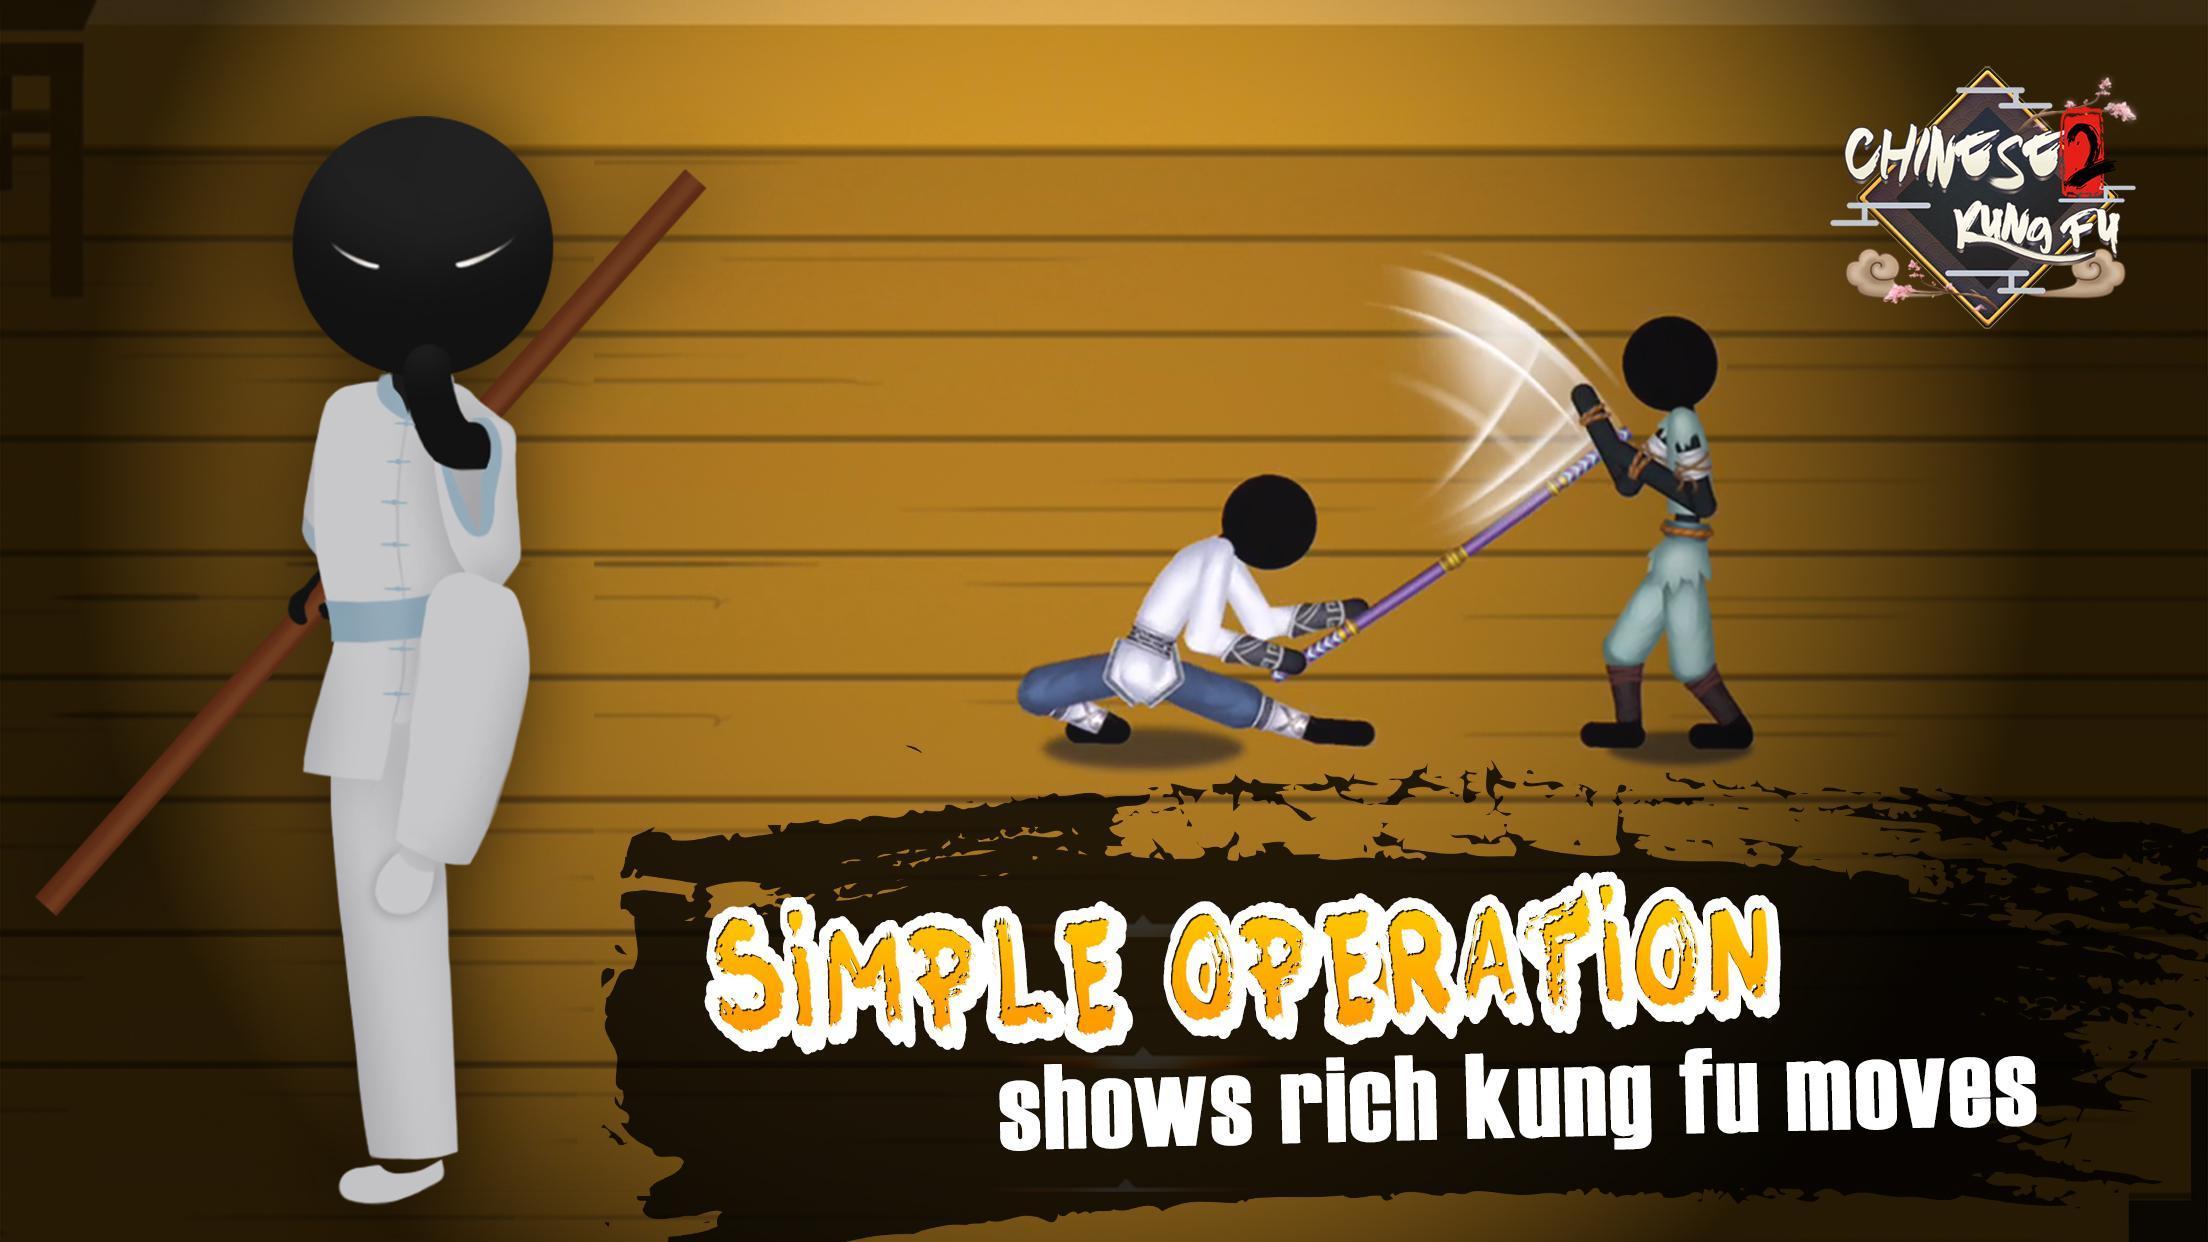 Chinese Kungfu 3.2.1 Screenshot 9